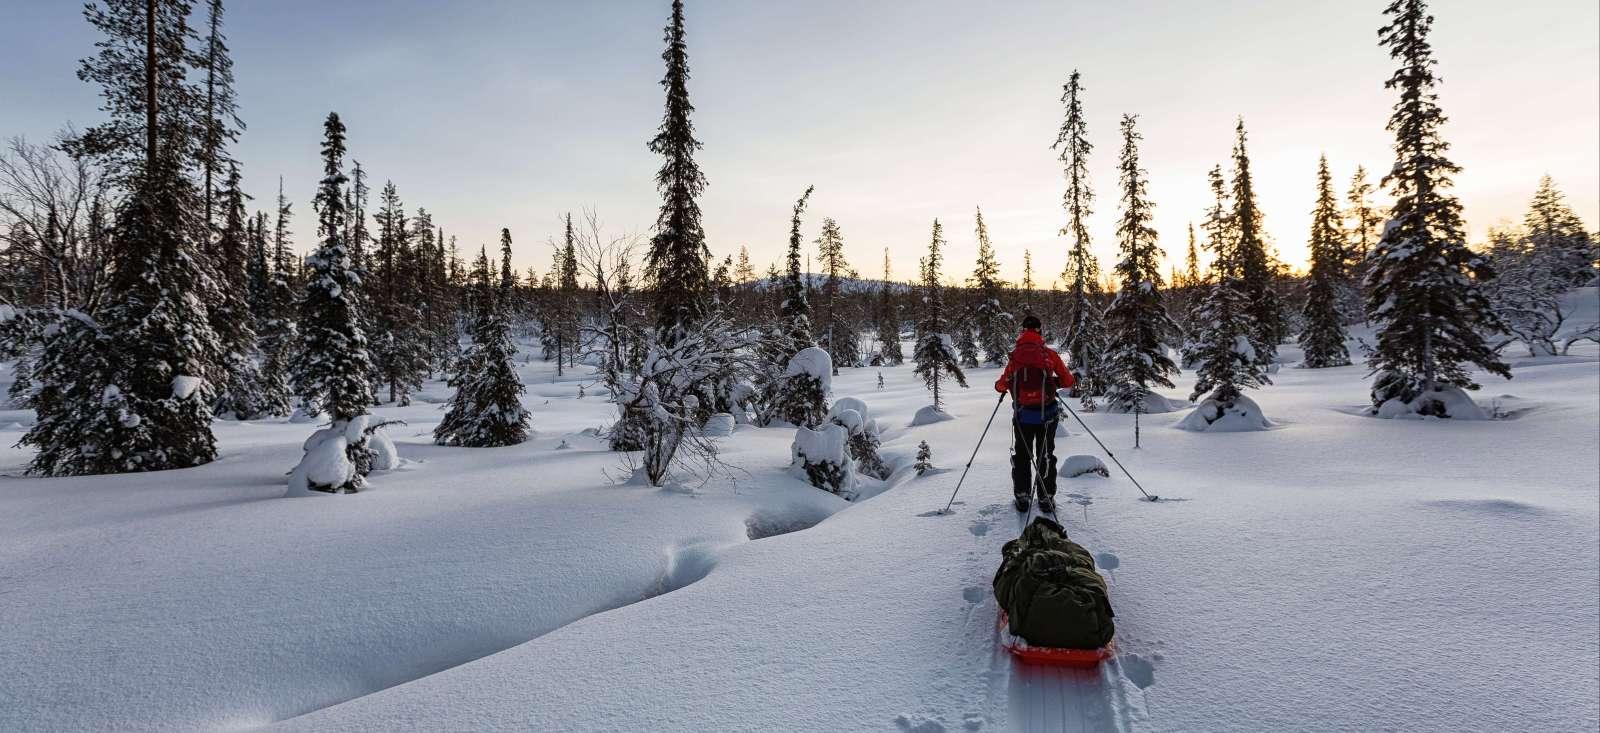 Voyage en raquette : Ski nordique et pulka en Laponie finlandaise